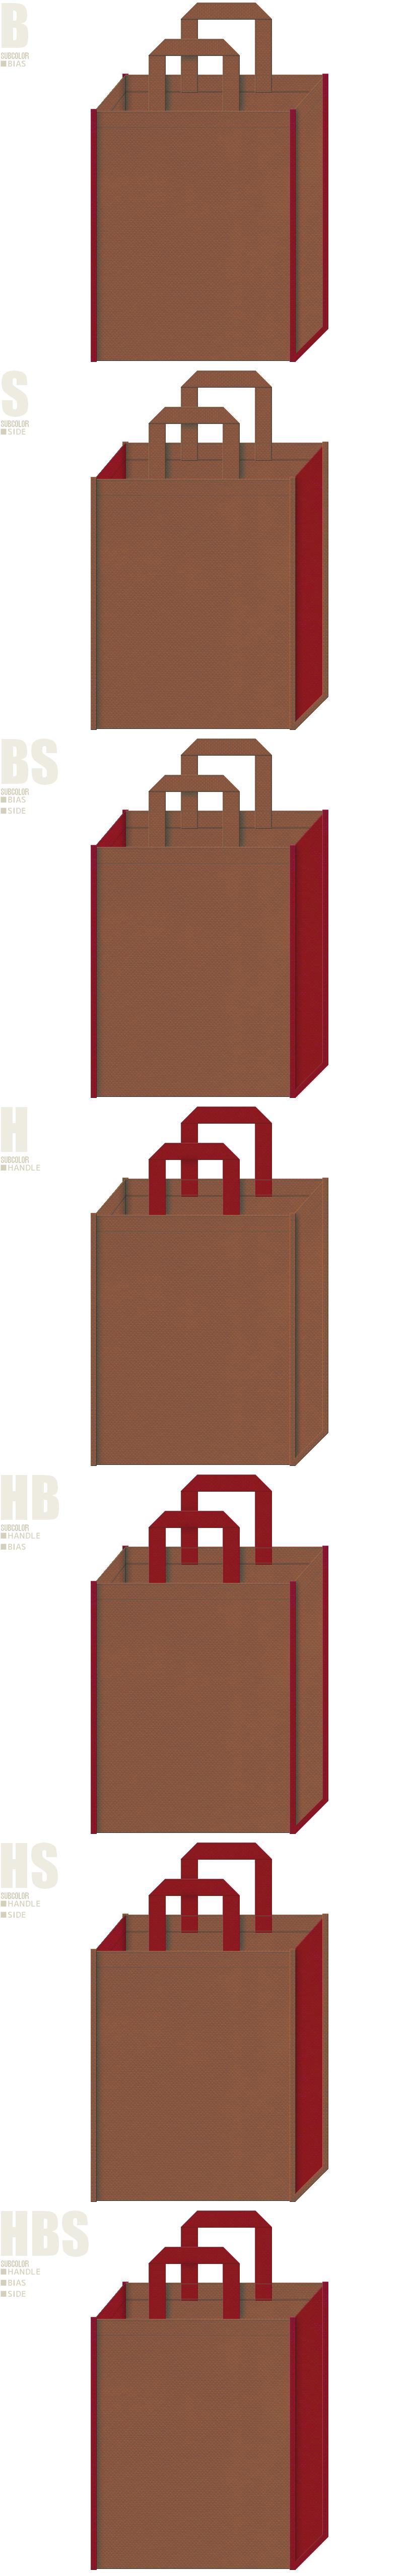 和菓子・甘味処のイメージにお奨めの配色です。茶色とエンジ色、7パターンの不織布トートバッグ配色デザイン例。ぜんざい風。